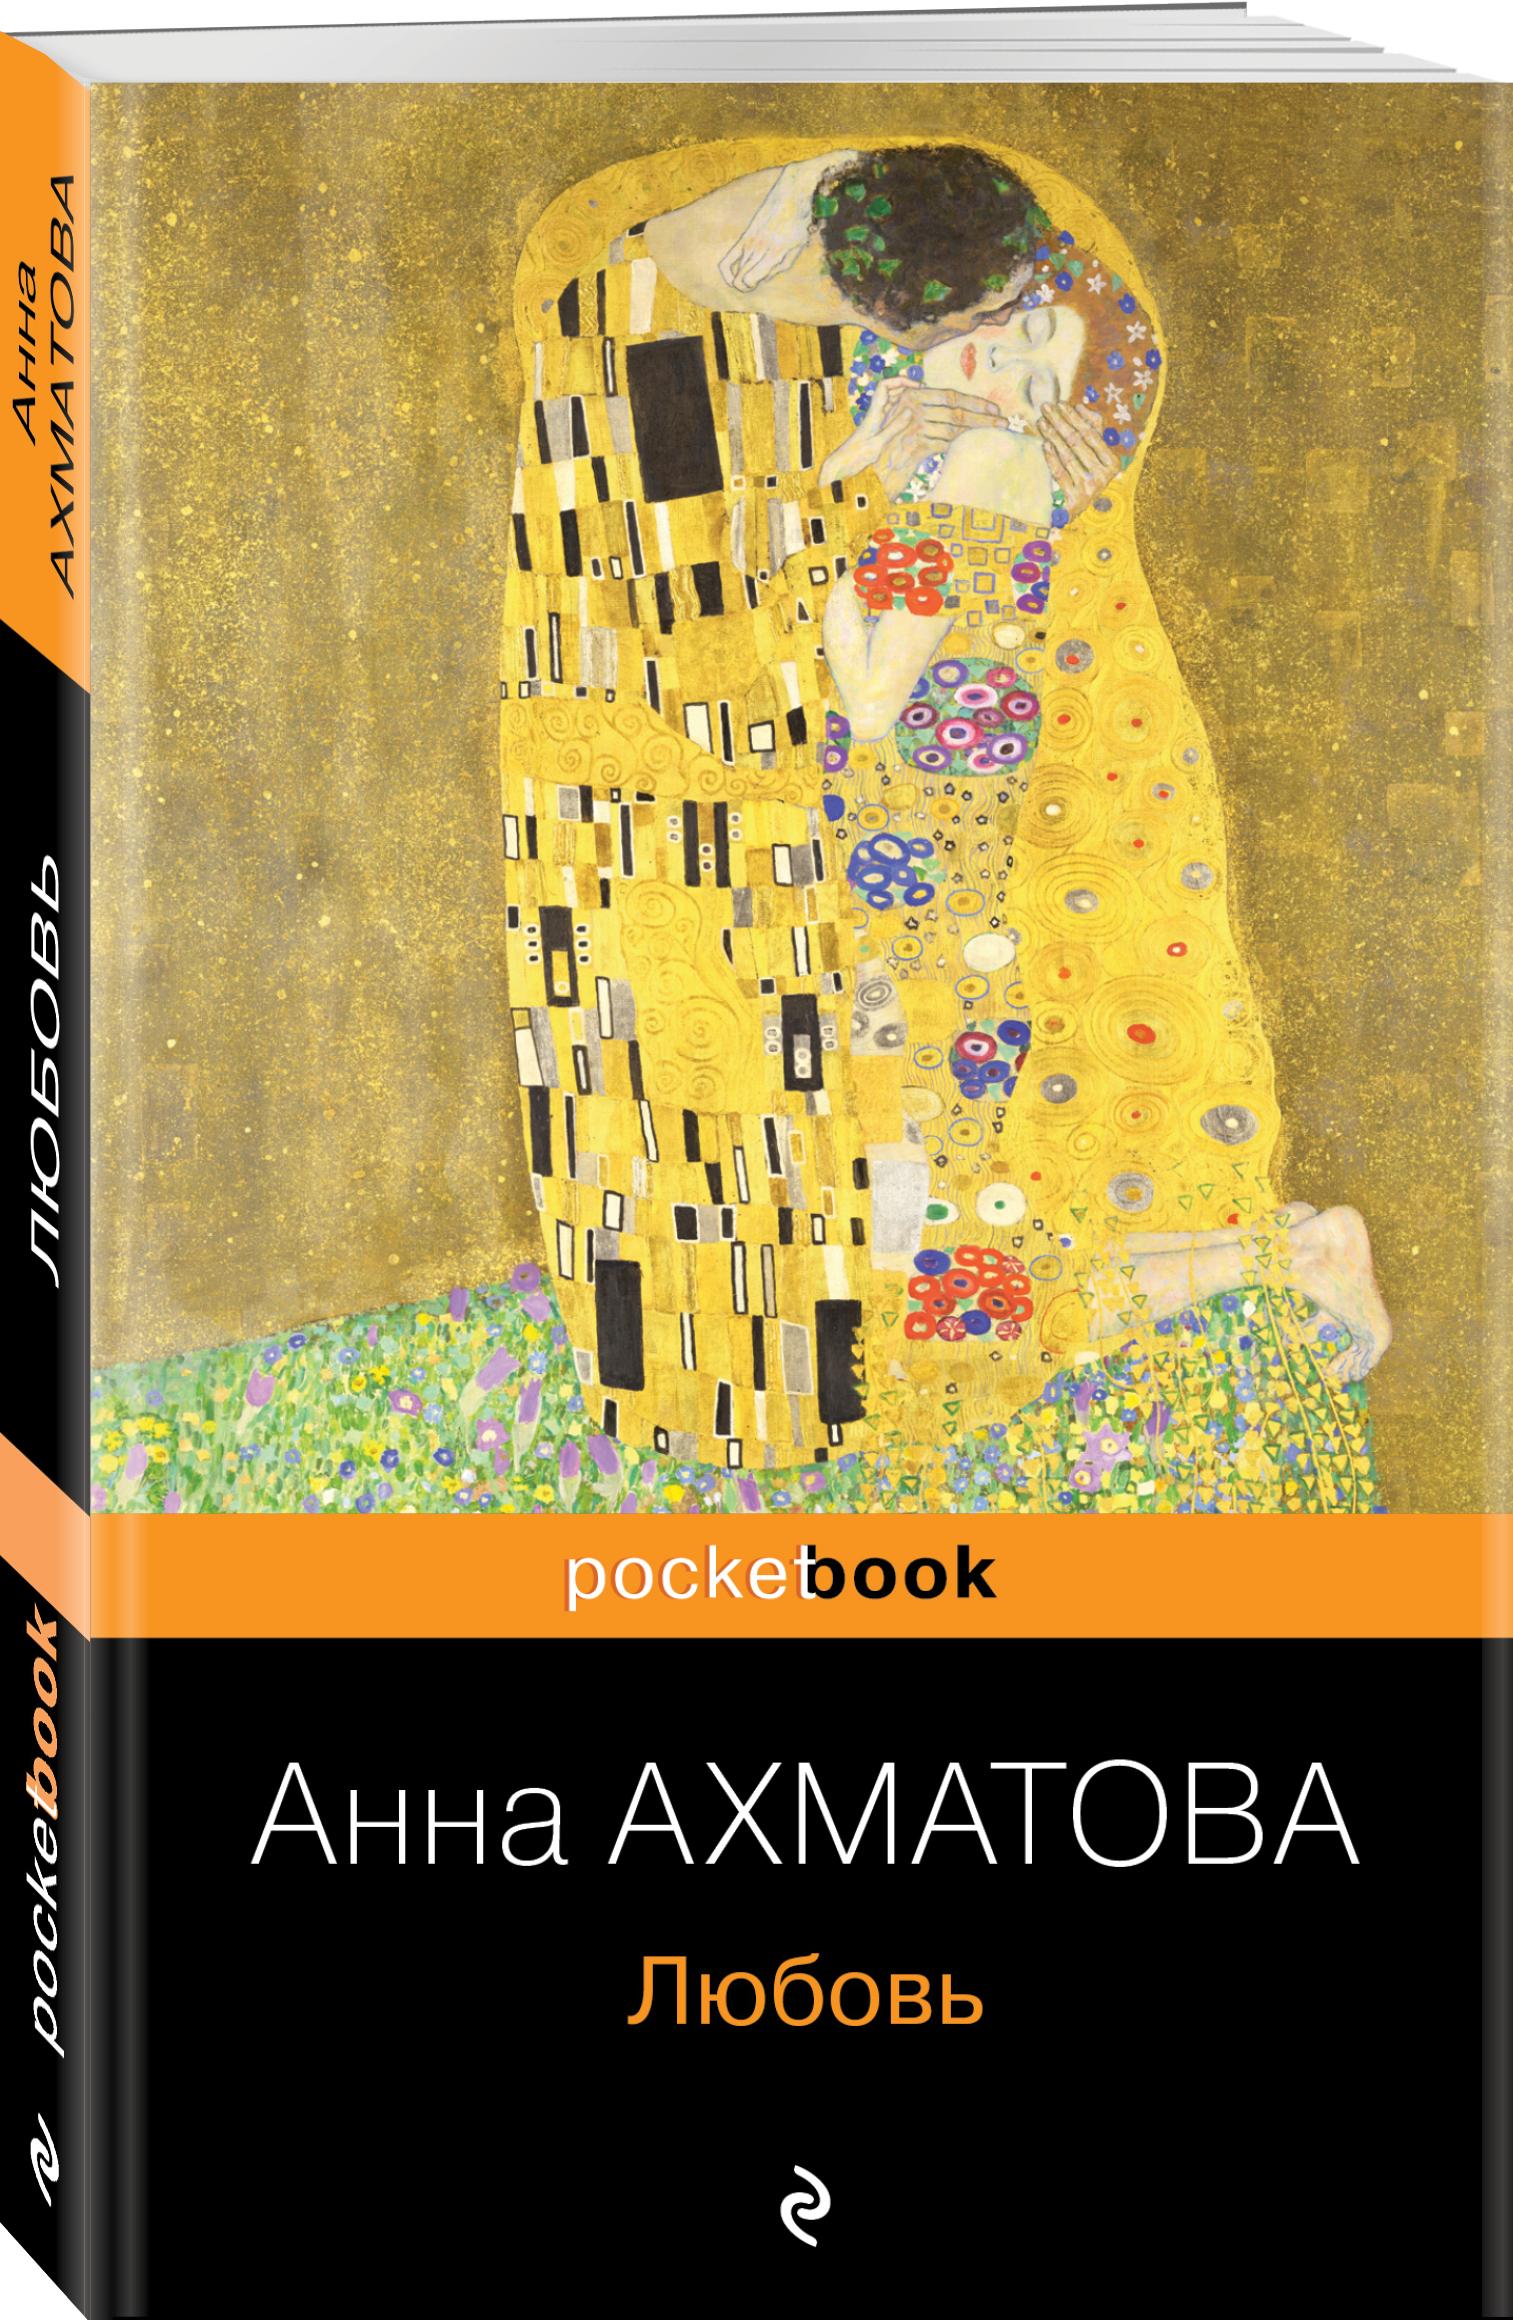 Любовь ( Ахматова Анна Андреевна  )